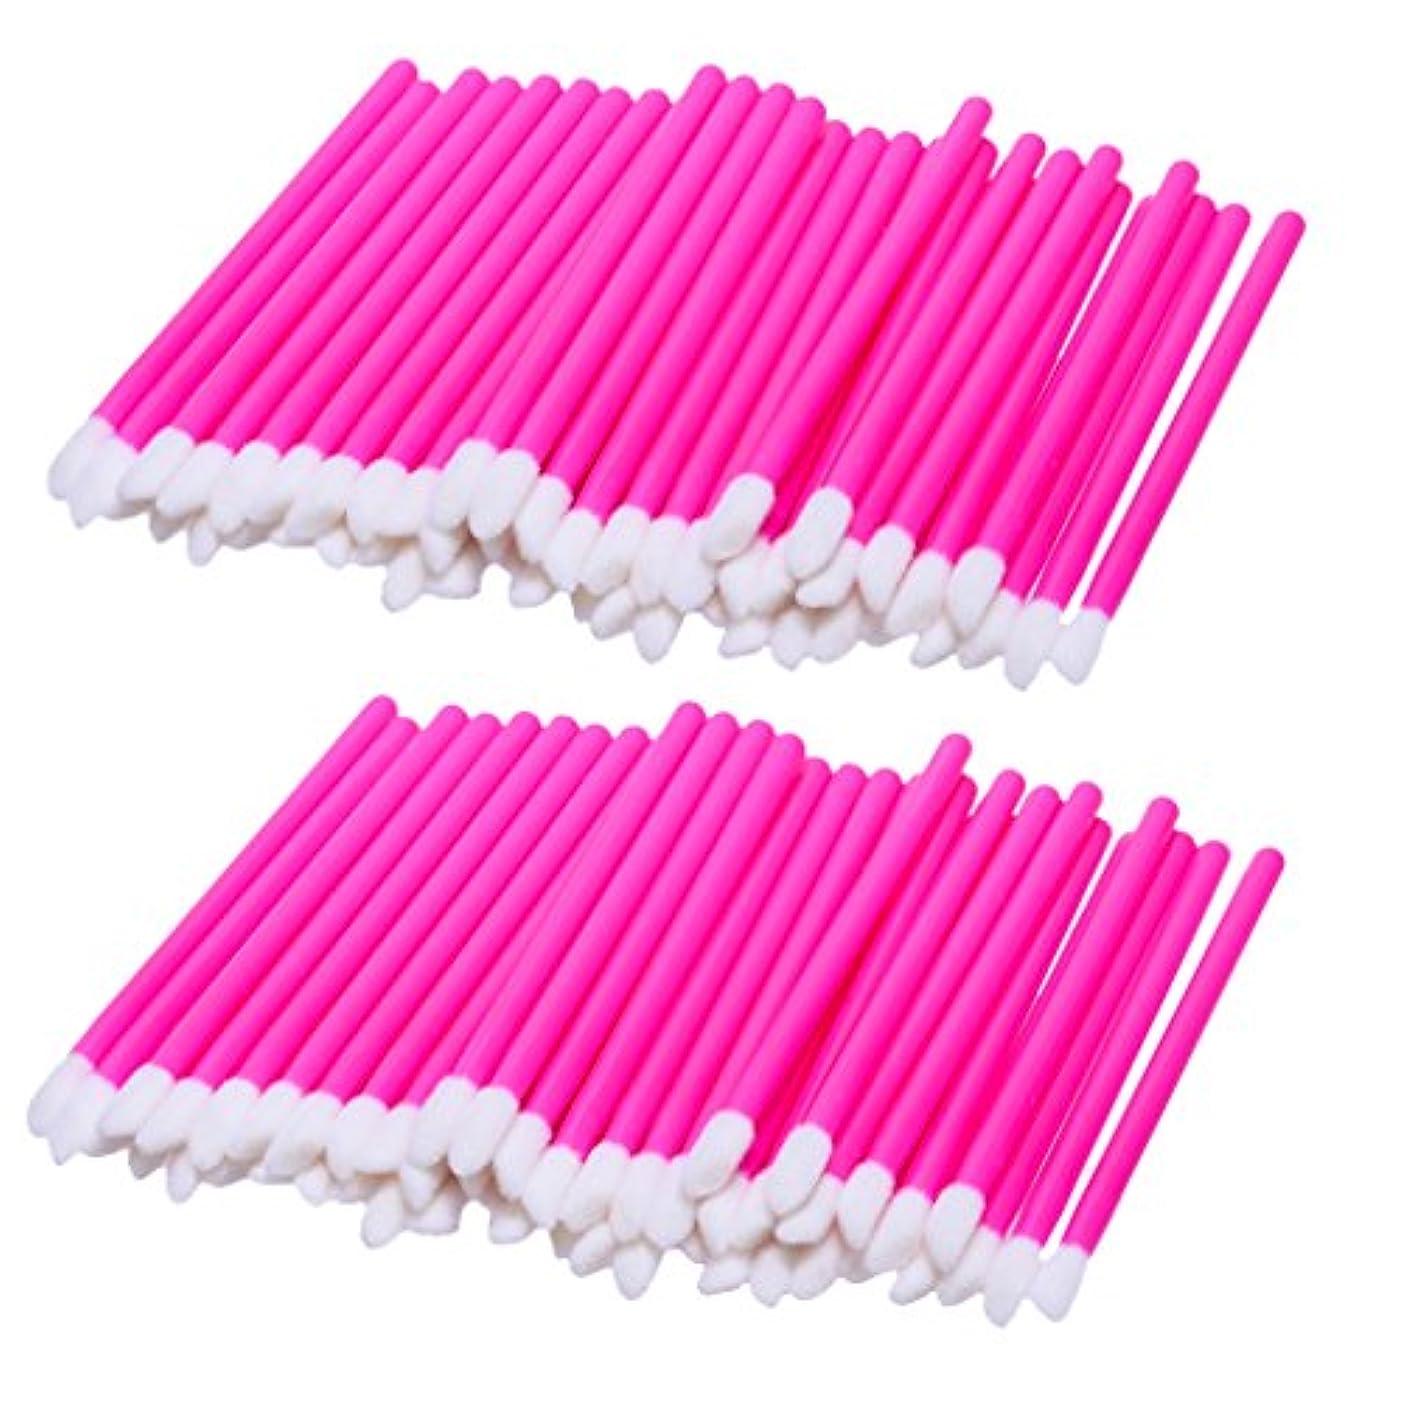 慣れる戦闘噴出するリップブラシ 使い捨て 携帯用 便利 化粧リップ 業務用 約100ピース入り 柔らかい毛 軽量 全3色 - ピンク